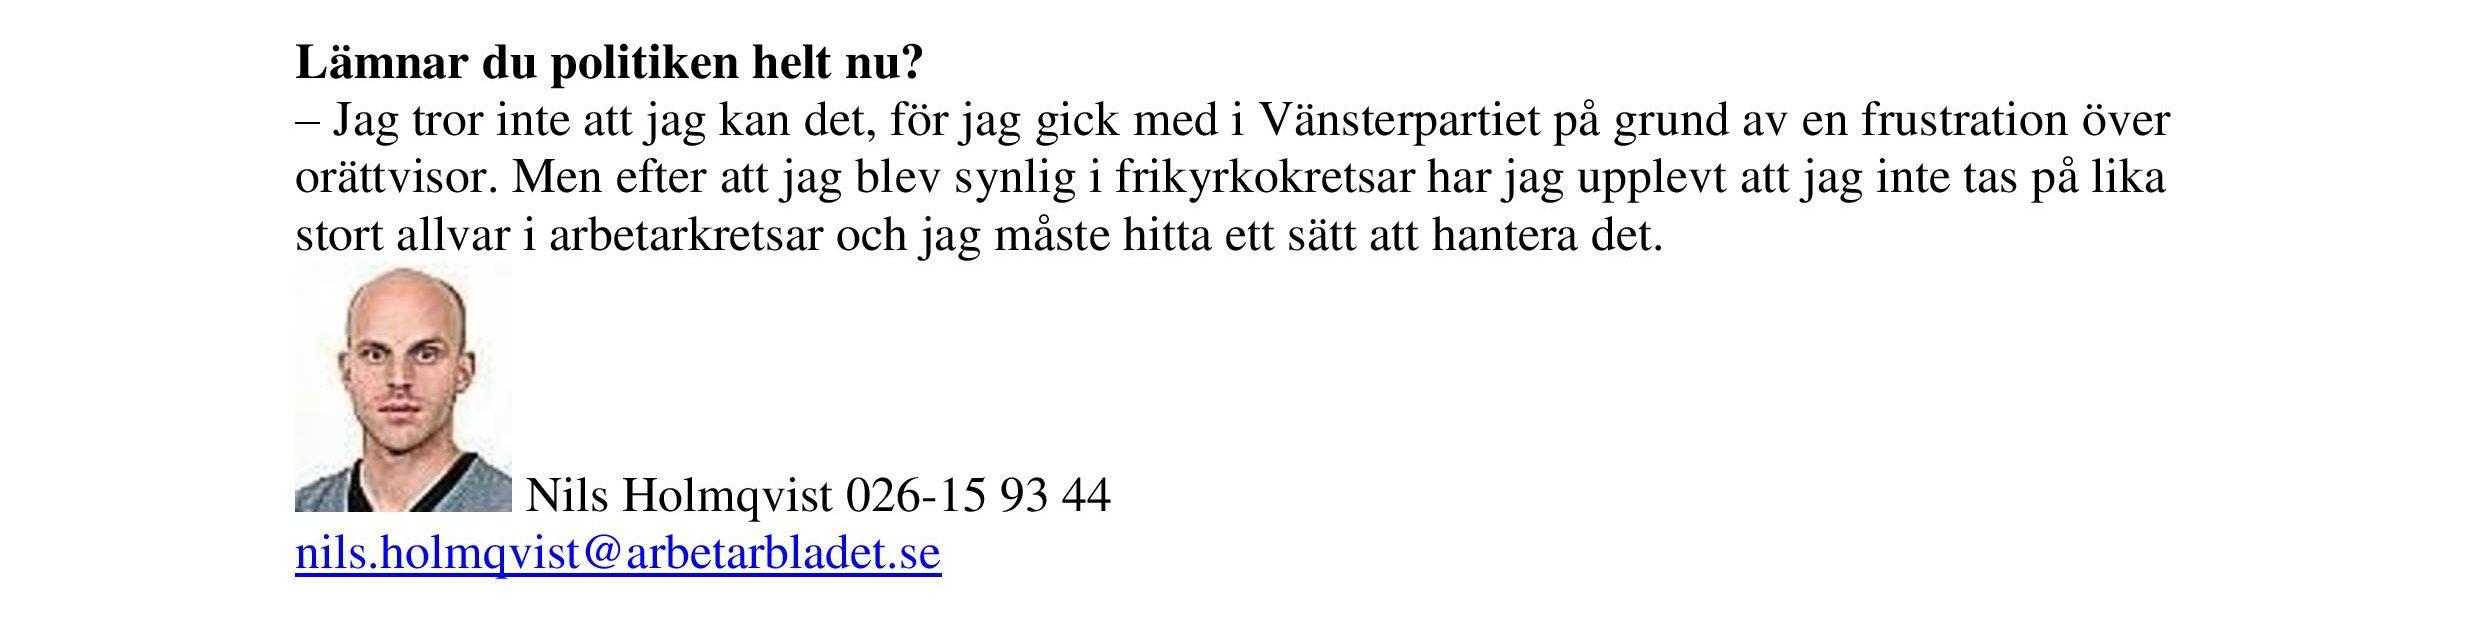 Varför flyttar du Flodström?